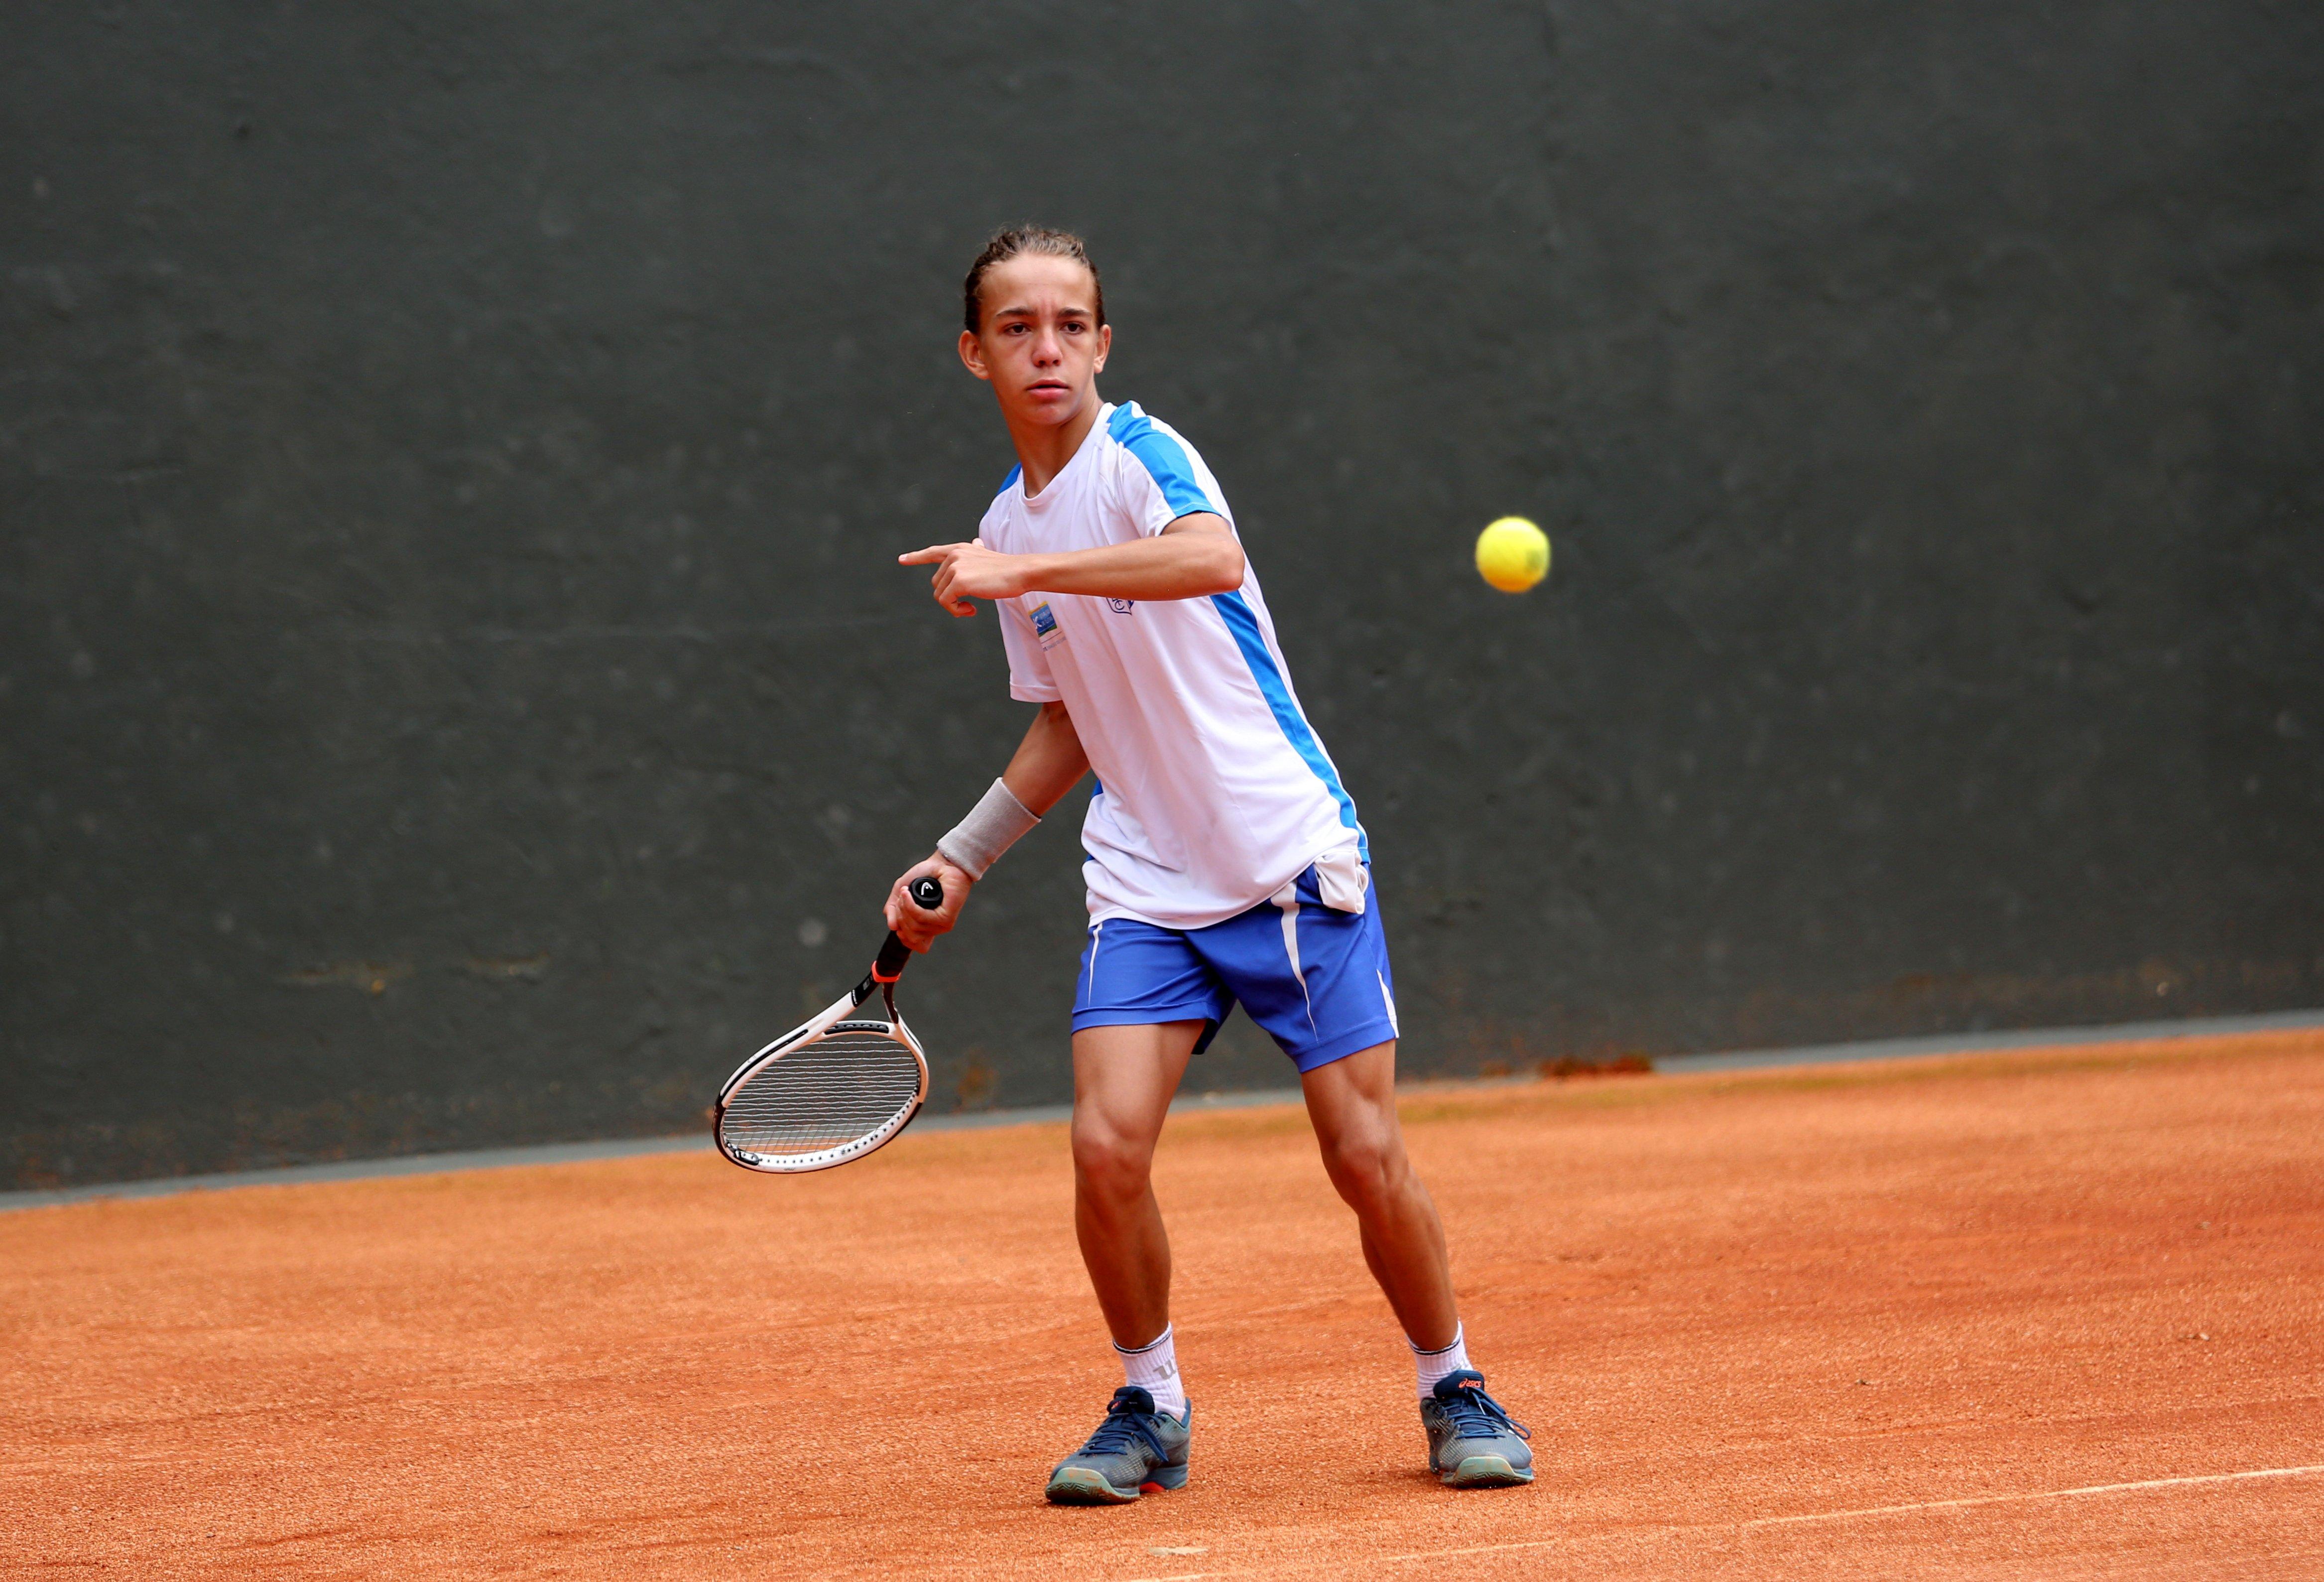 Francisco Lopes gostou do seu desempenho e dos companheiros na competição / Foto: Orlando Bento/MTC